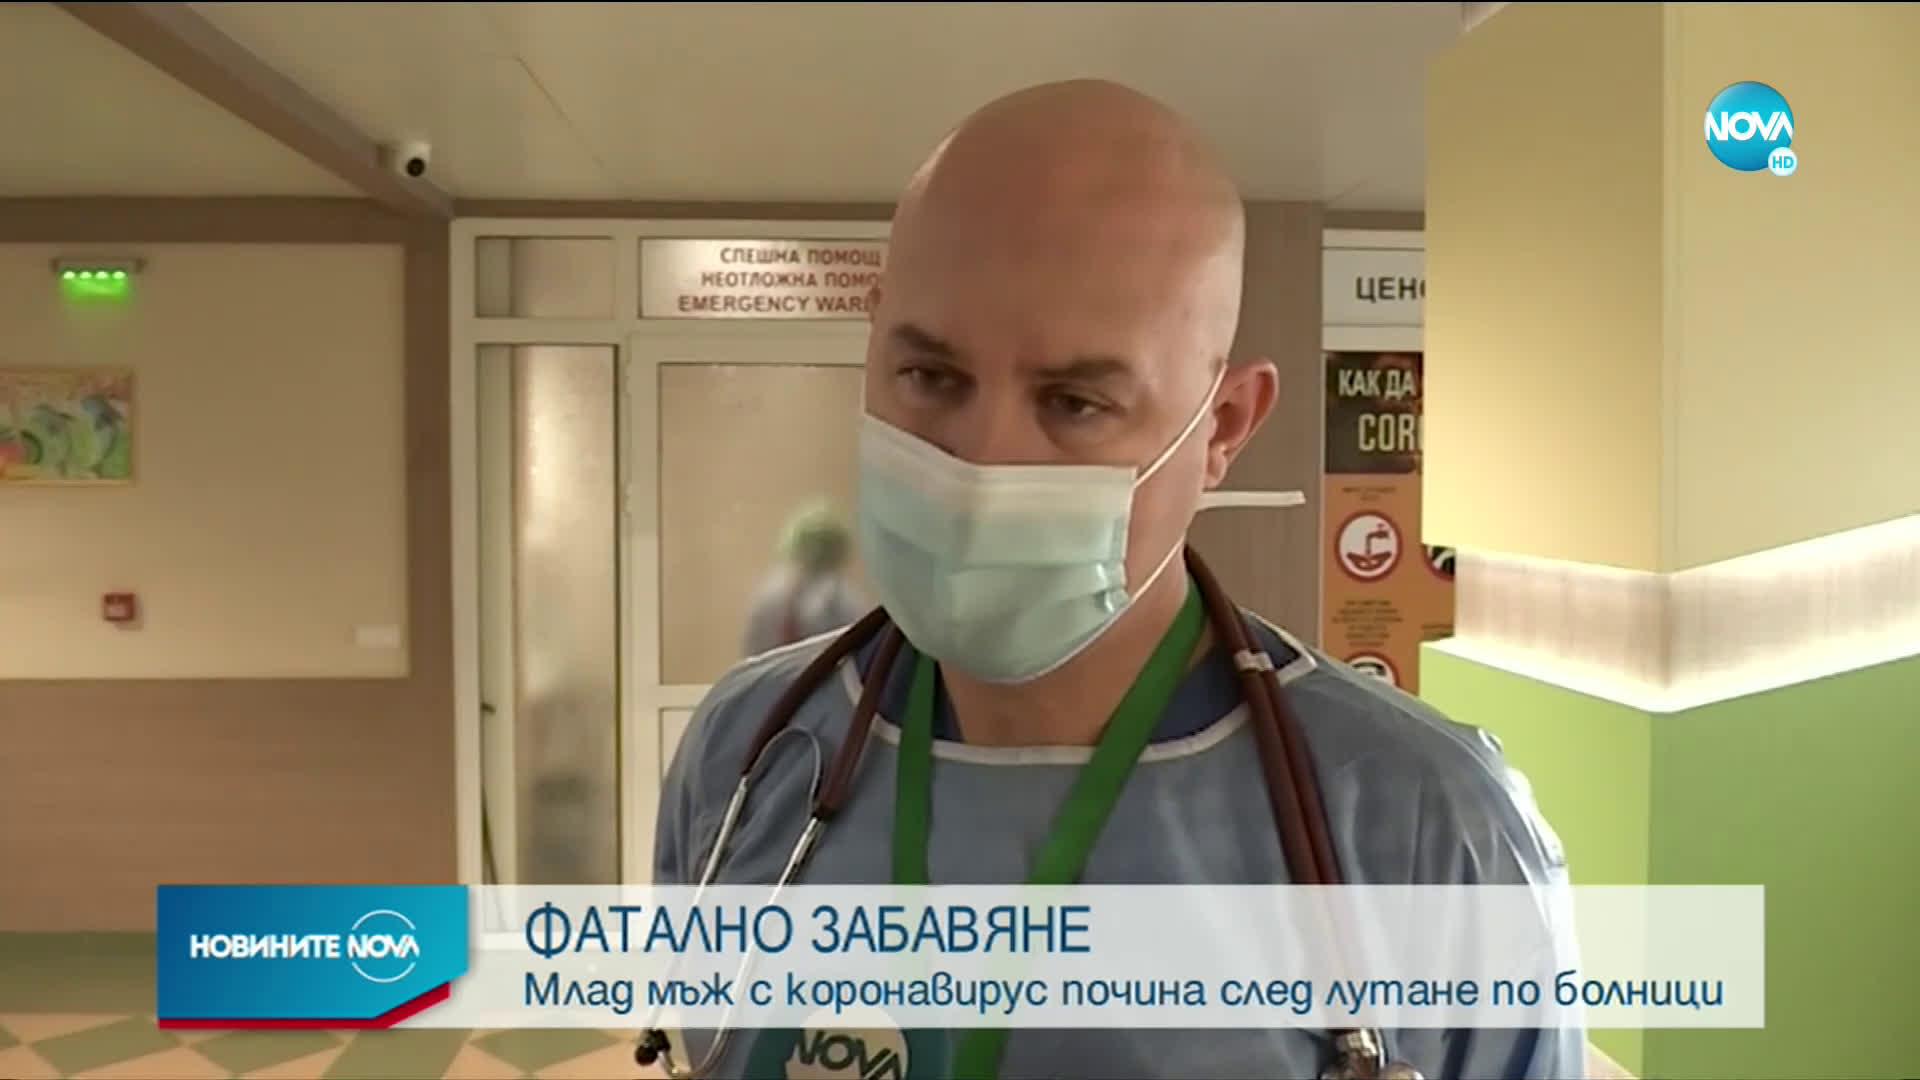 ФАТАЛНО ЗАБАВЯНЕ: Млад мъж с коронавирус почина след лутане по болници